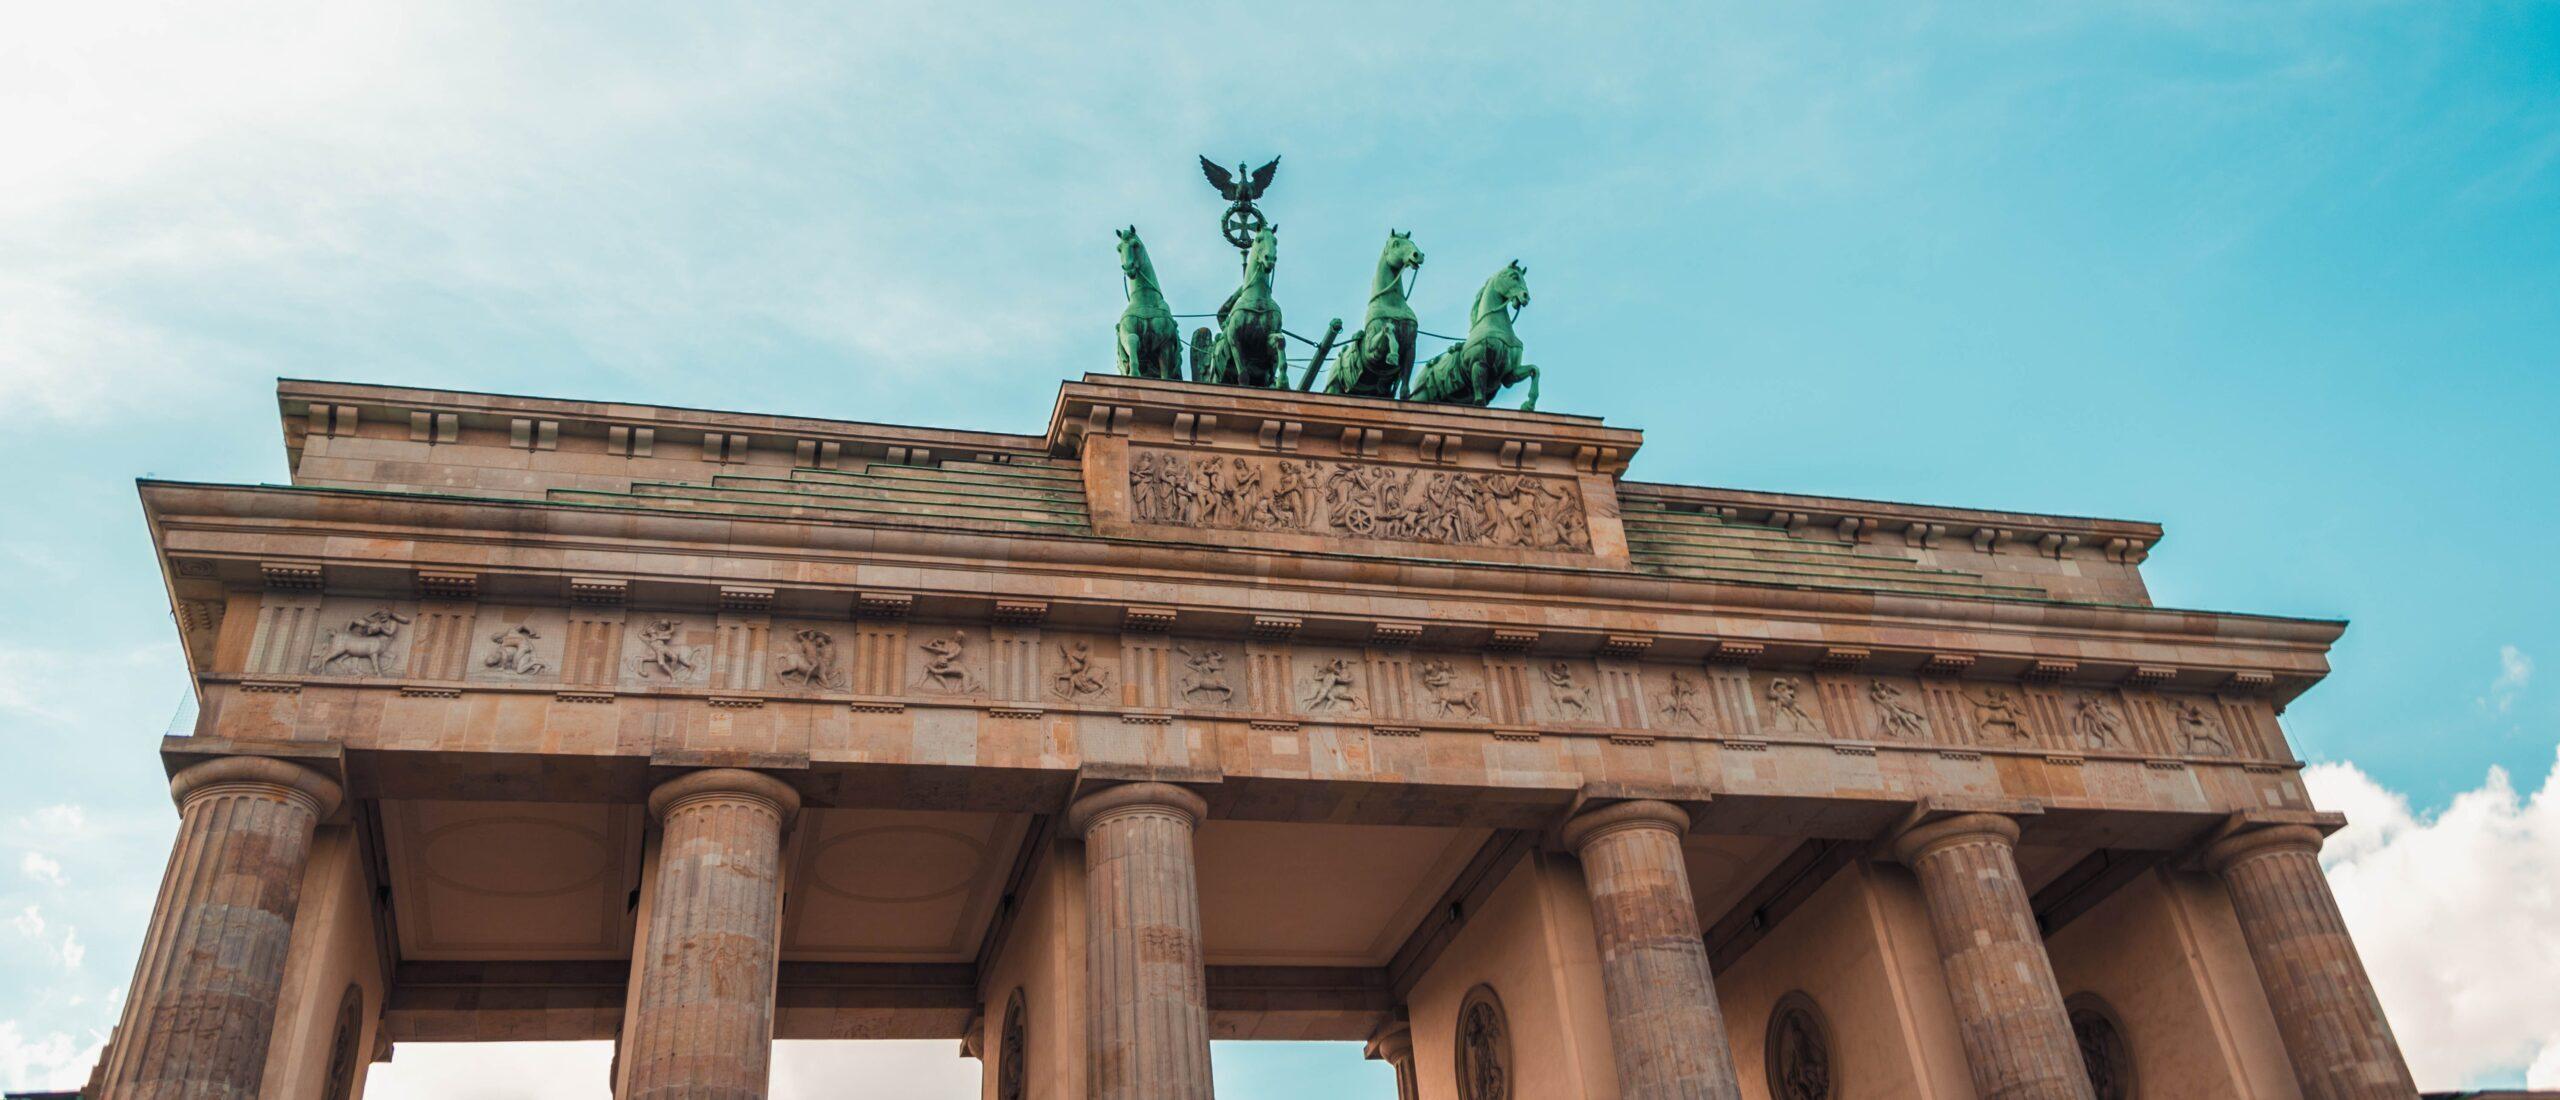 Alles klar! Współpraca z Niemcami